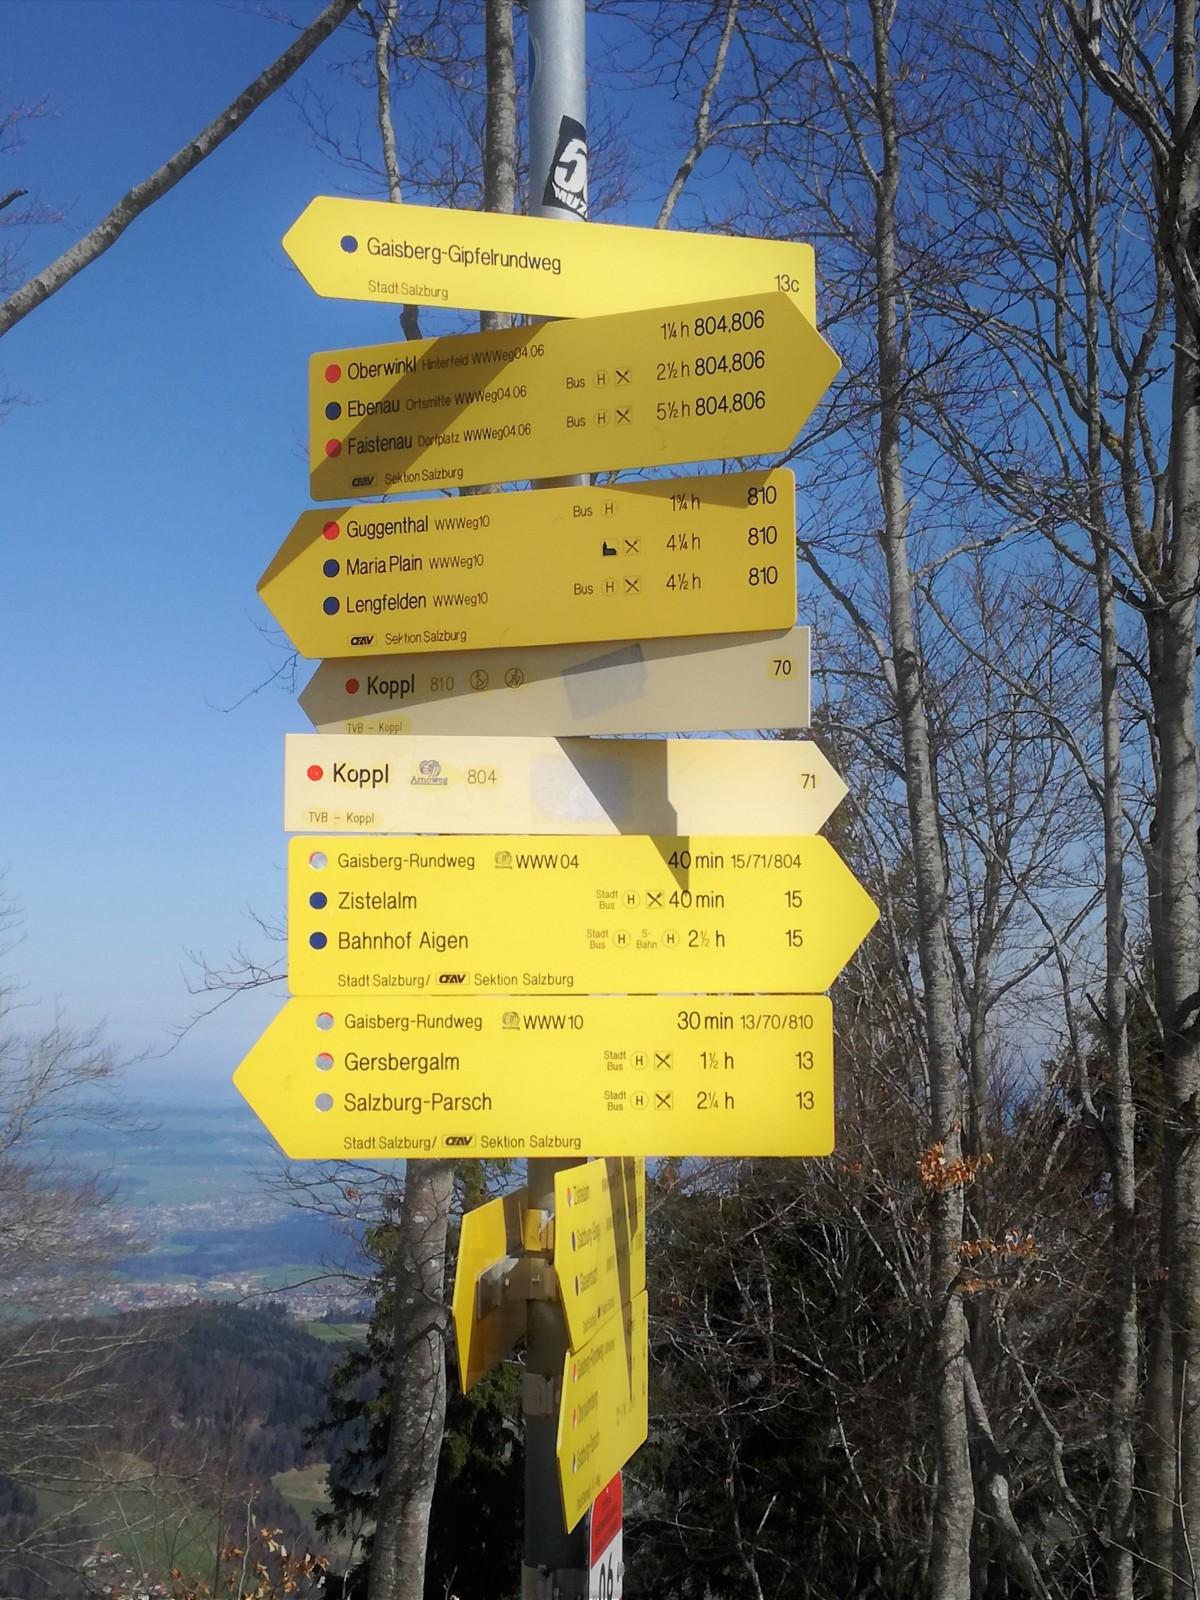 Viele Wege führen auf den Gaisberg